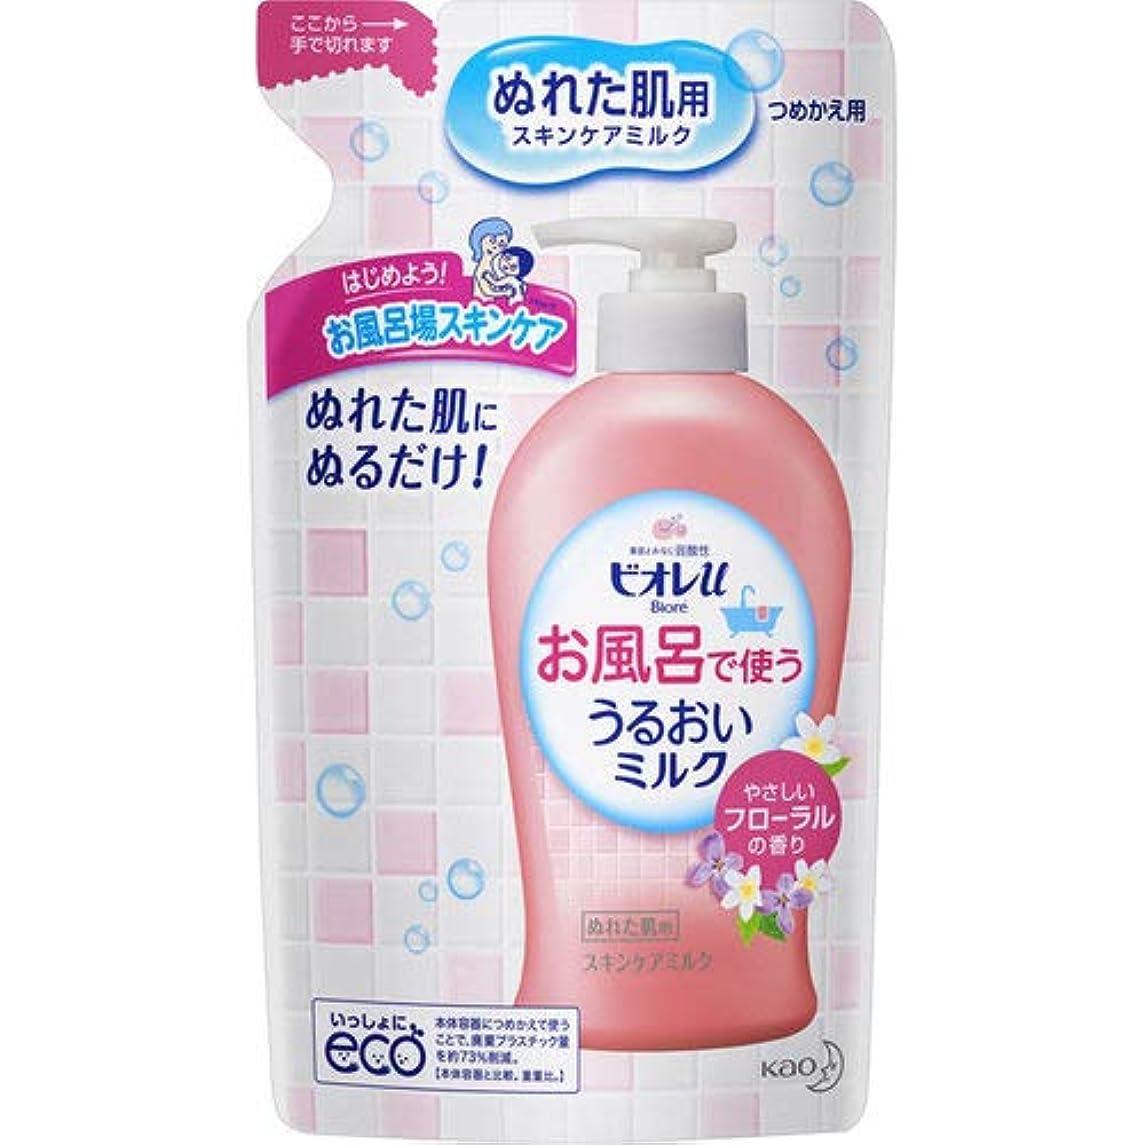 ご意見排気アナニバービオレu お風呂で使ううるおいミルク フローラル つめかえ用 250mL